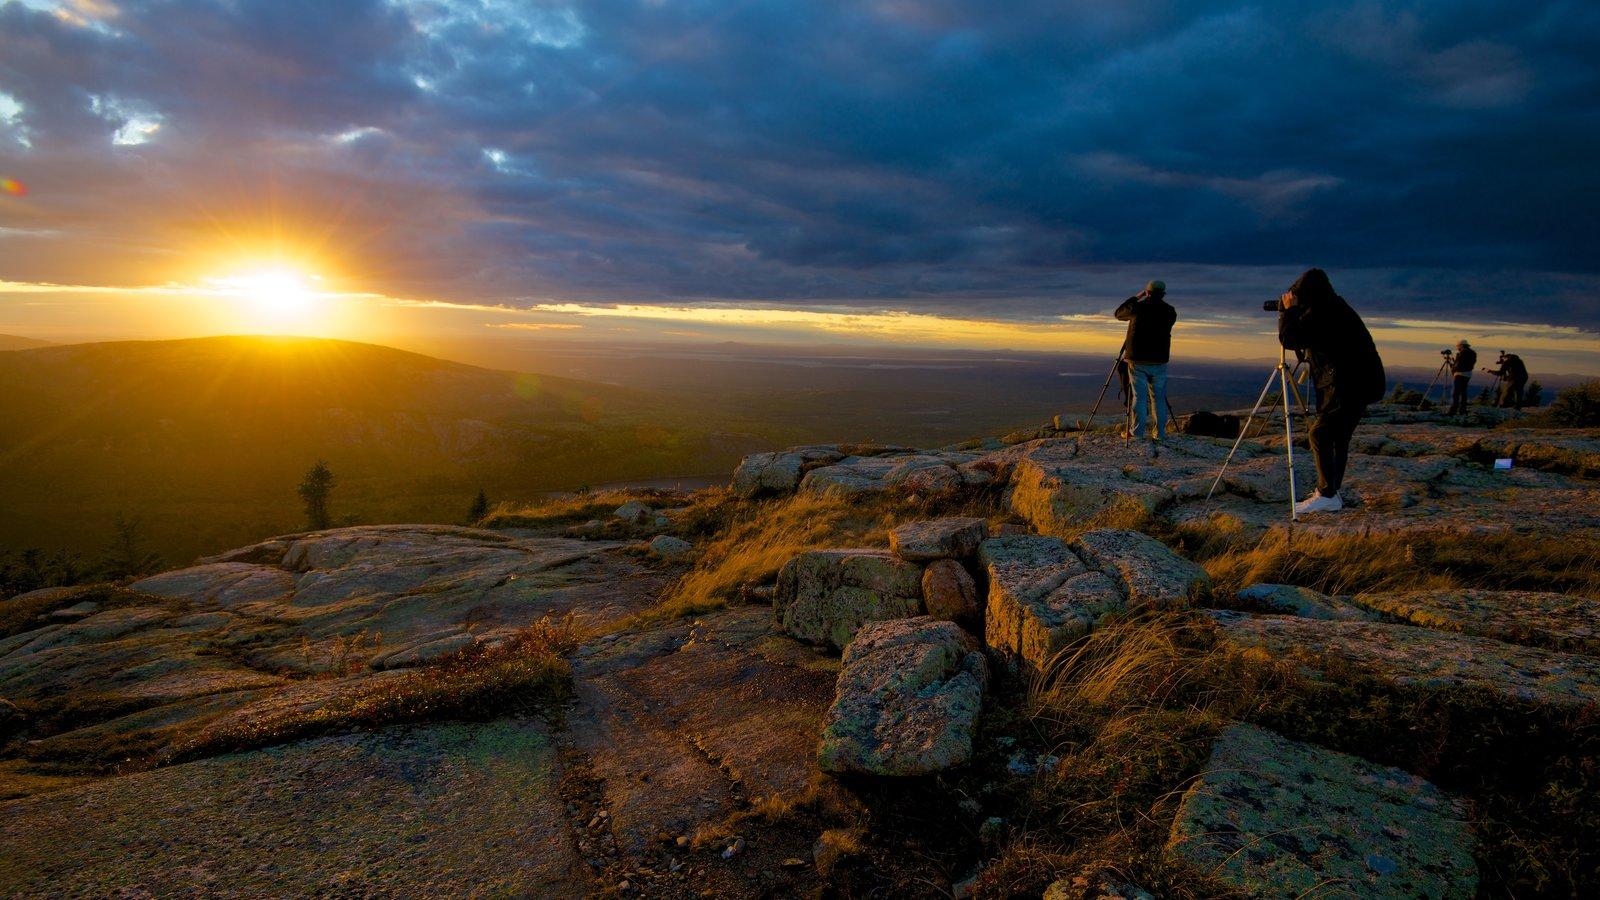 Cadillac Mountain que incluye montañas, una puesta de sol y vistas de paisajes